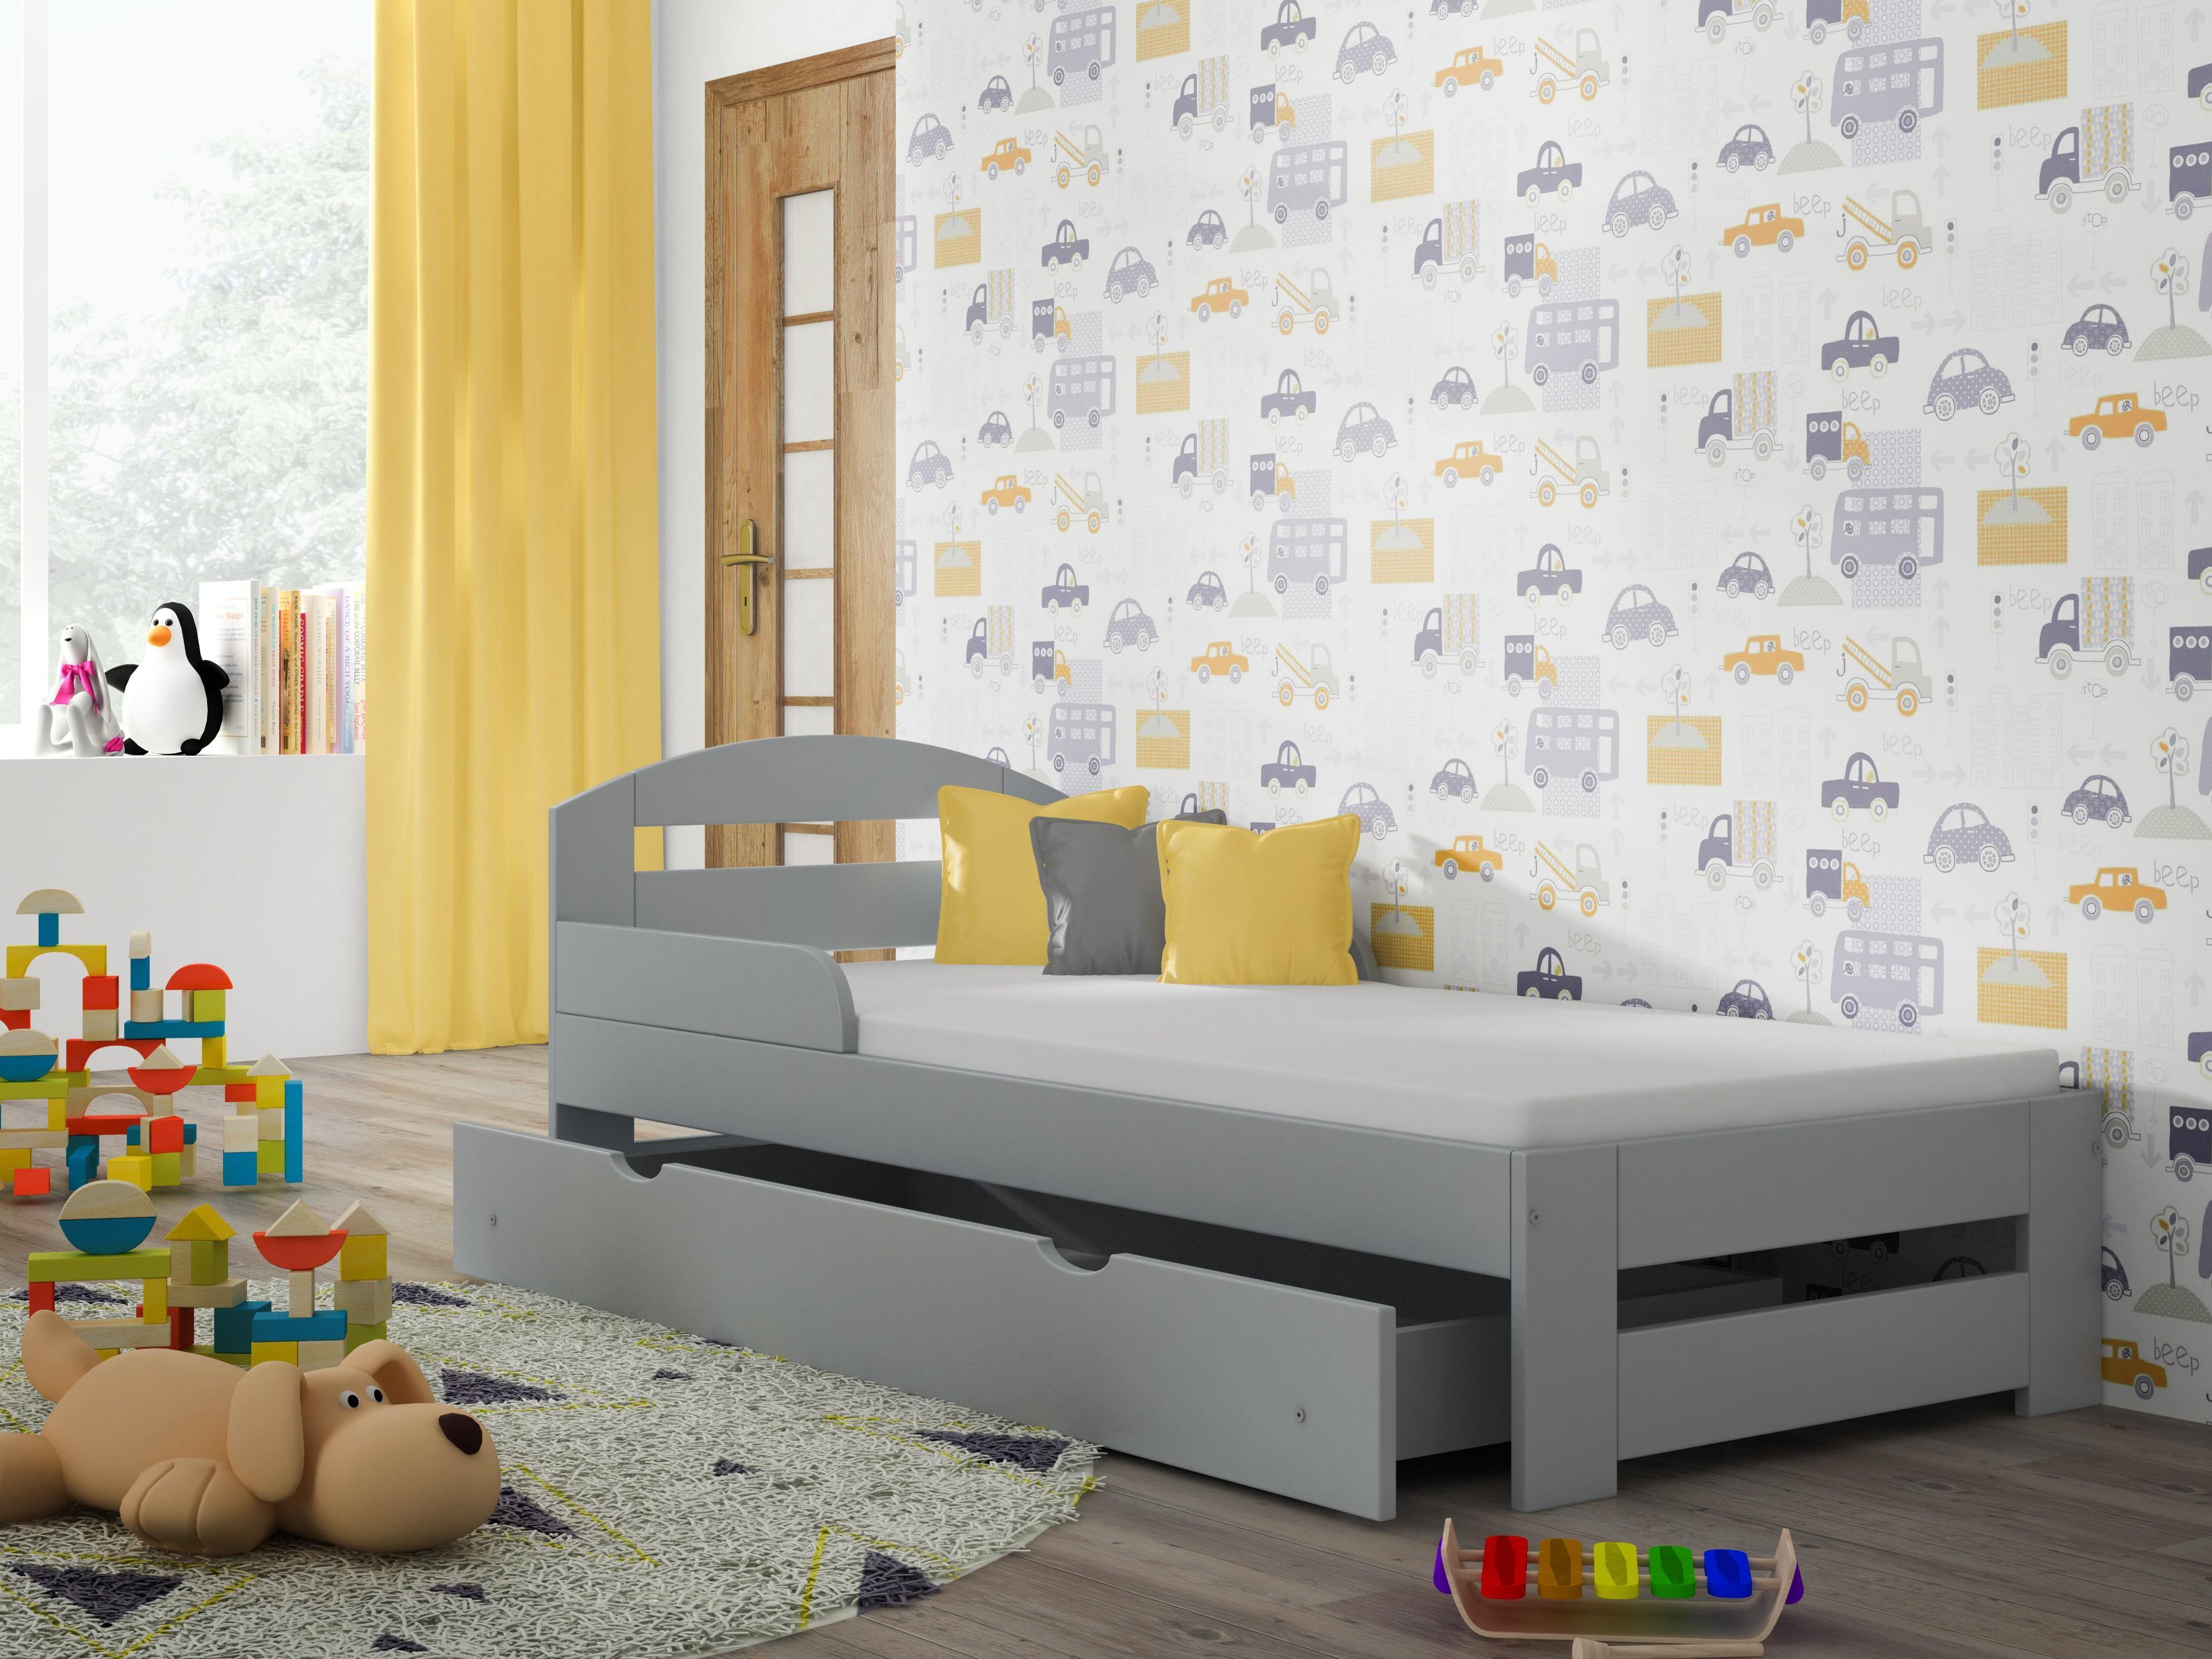 Cama individual-Kiko para crianças criança Júnior